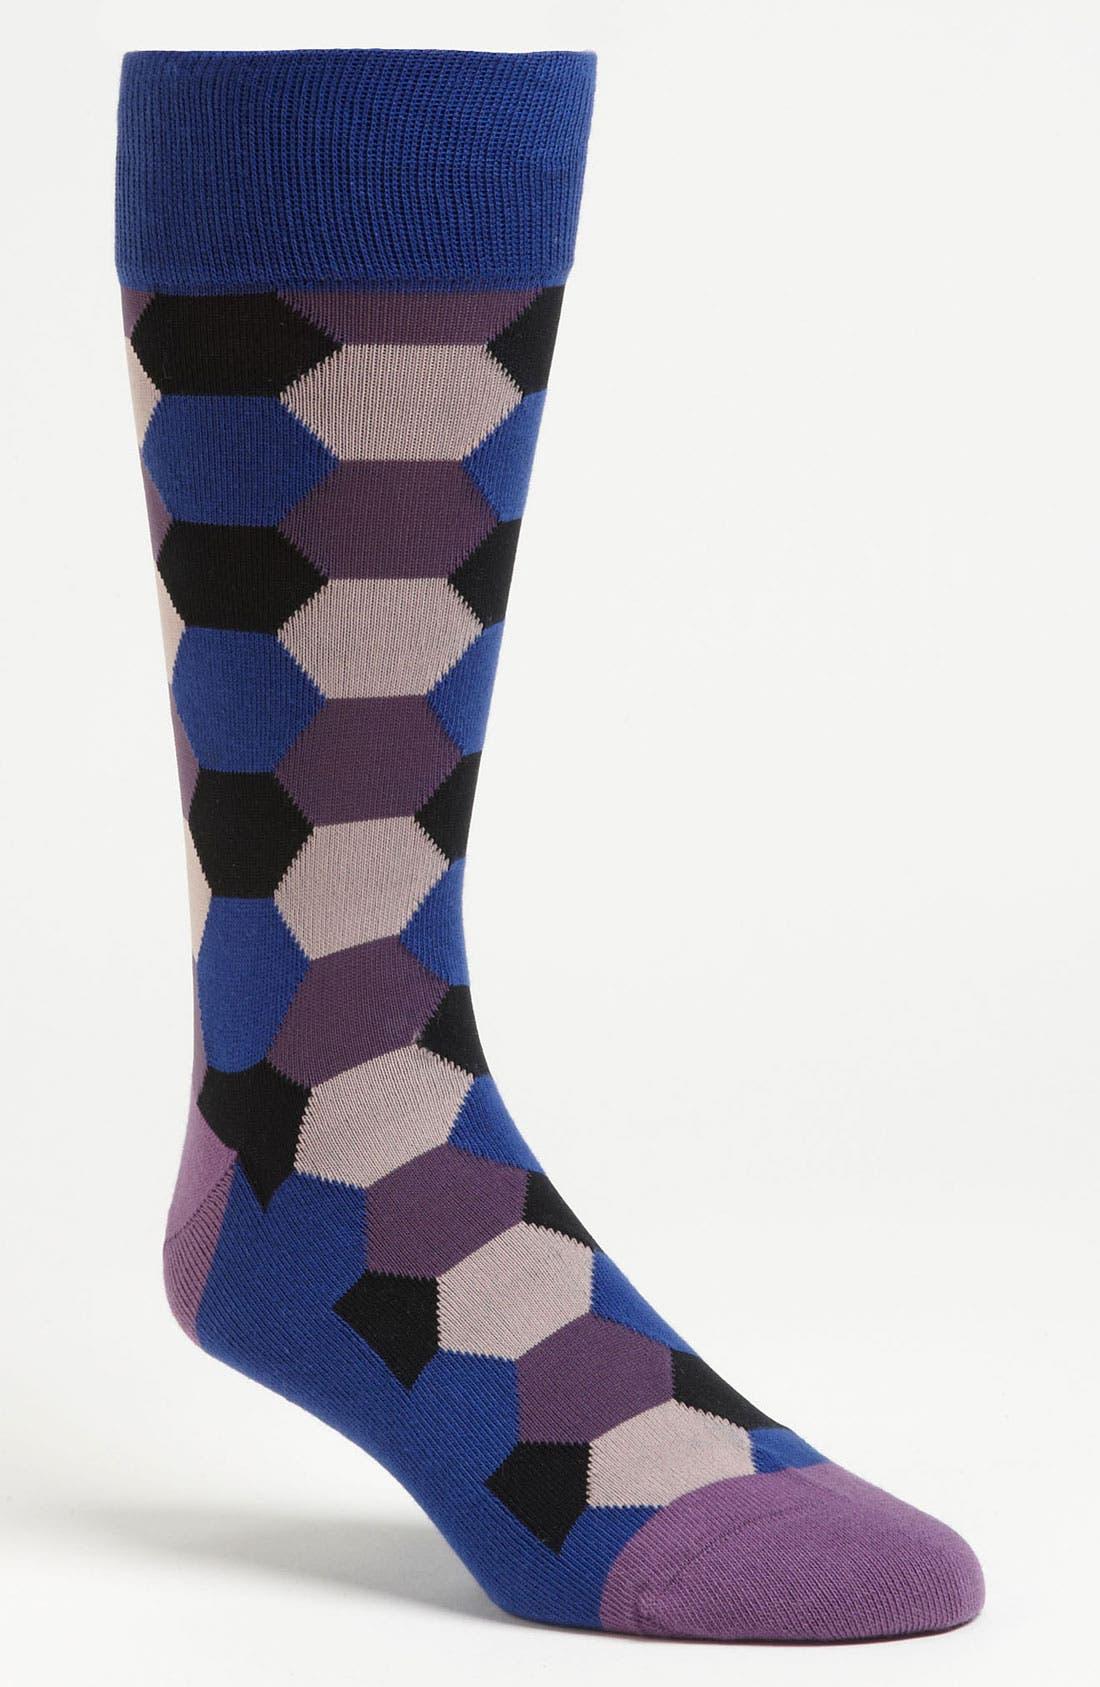 Alternate Image 1 Selected - Calibrate 'Honeycomb' Socks